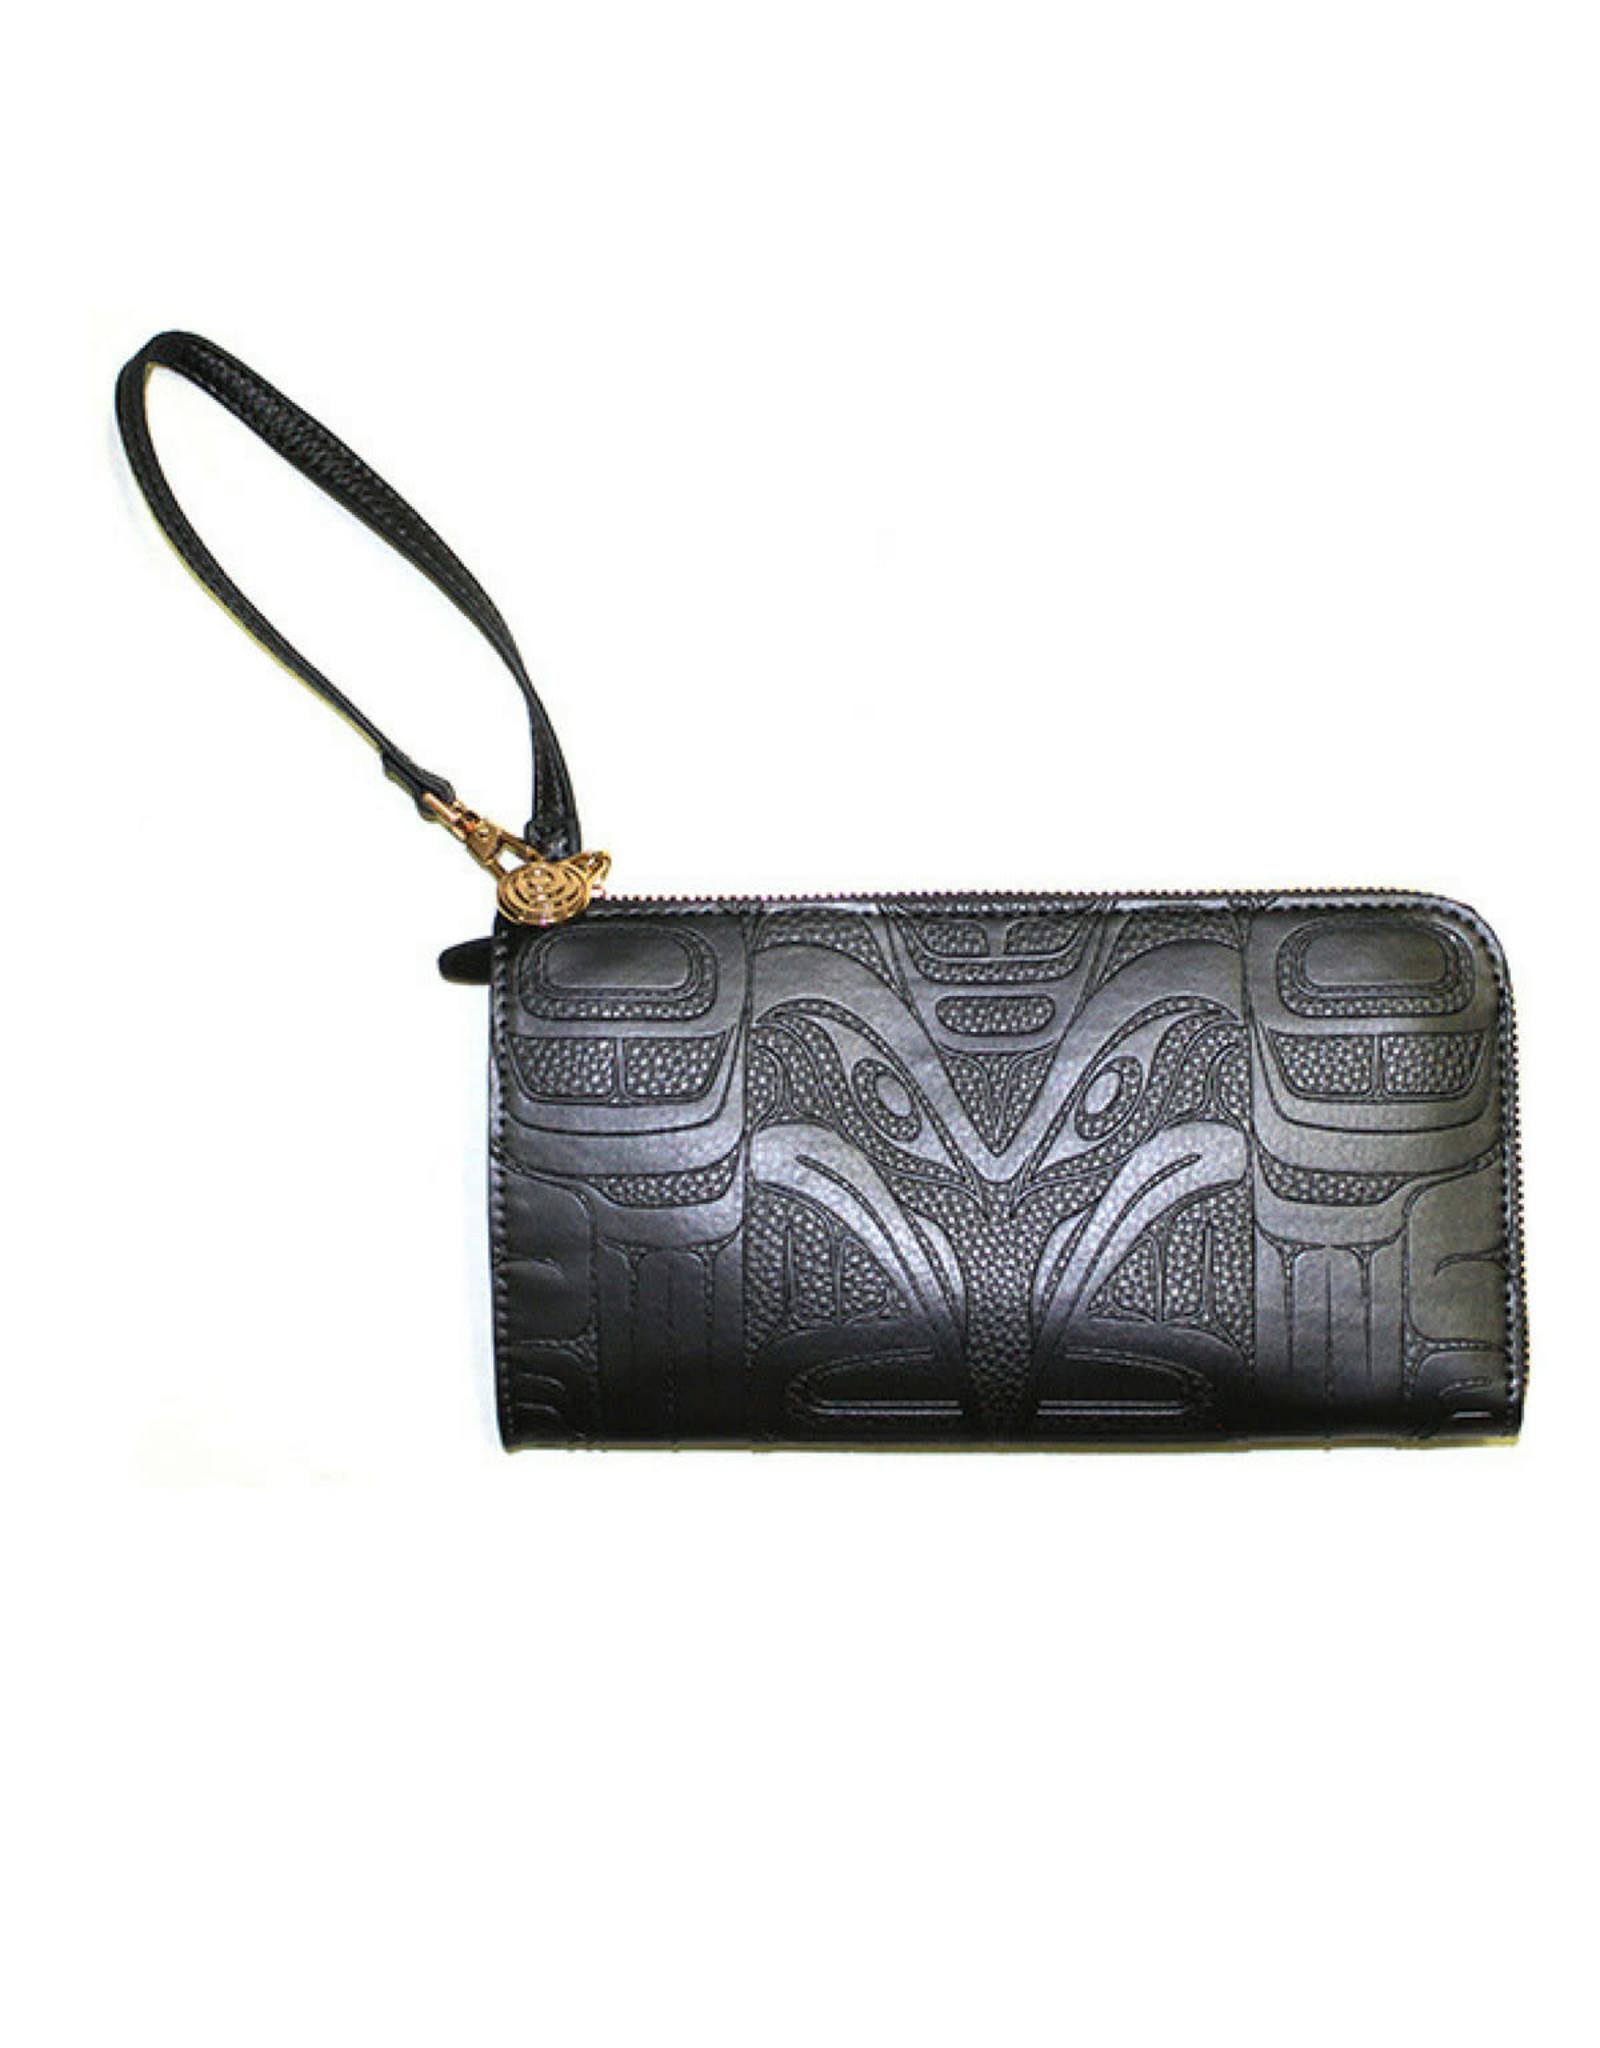 Embossed Fashion Clutch by Francis Horne Sr. - Raven (EFCB2)